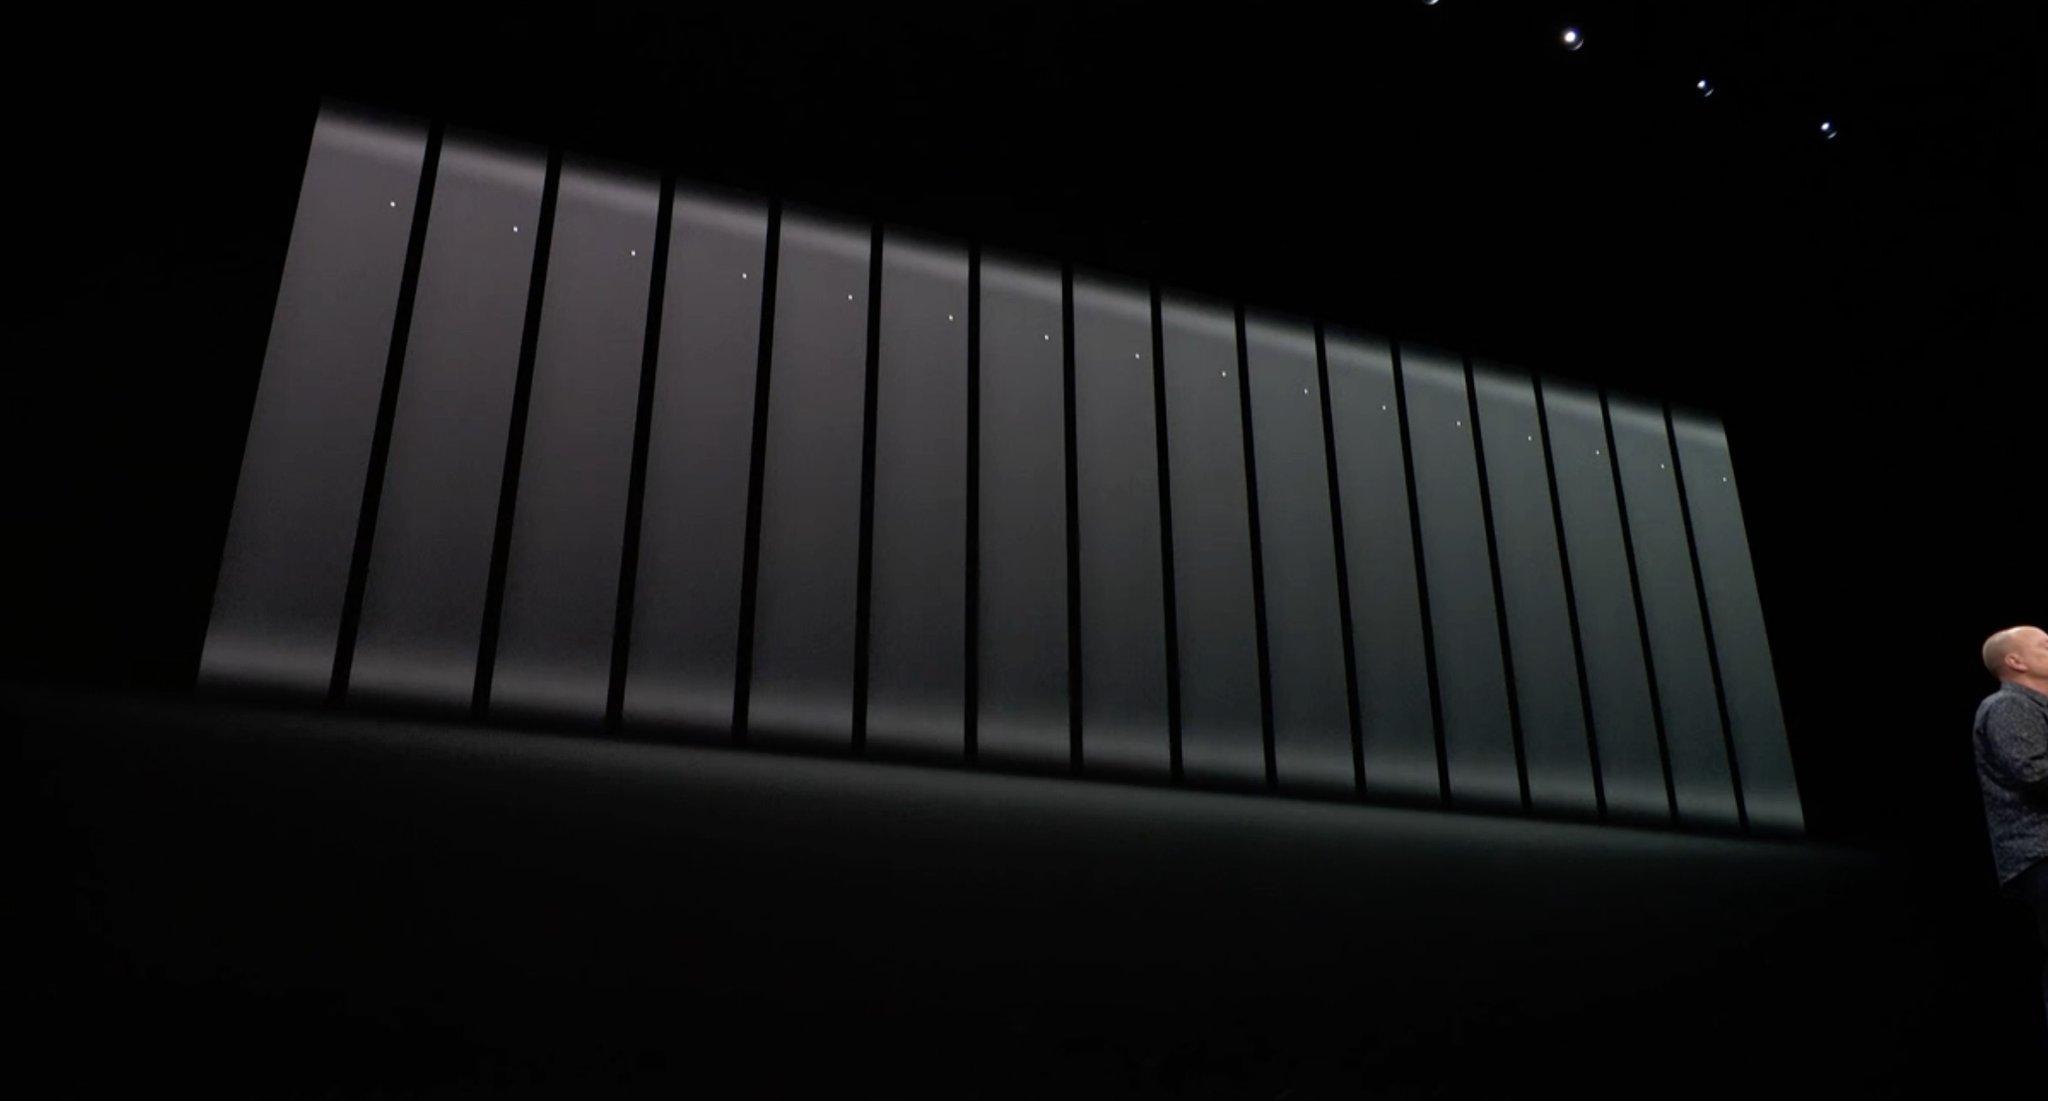 Granja de servidores echa con el nuevo Mac mini